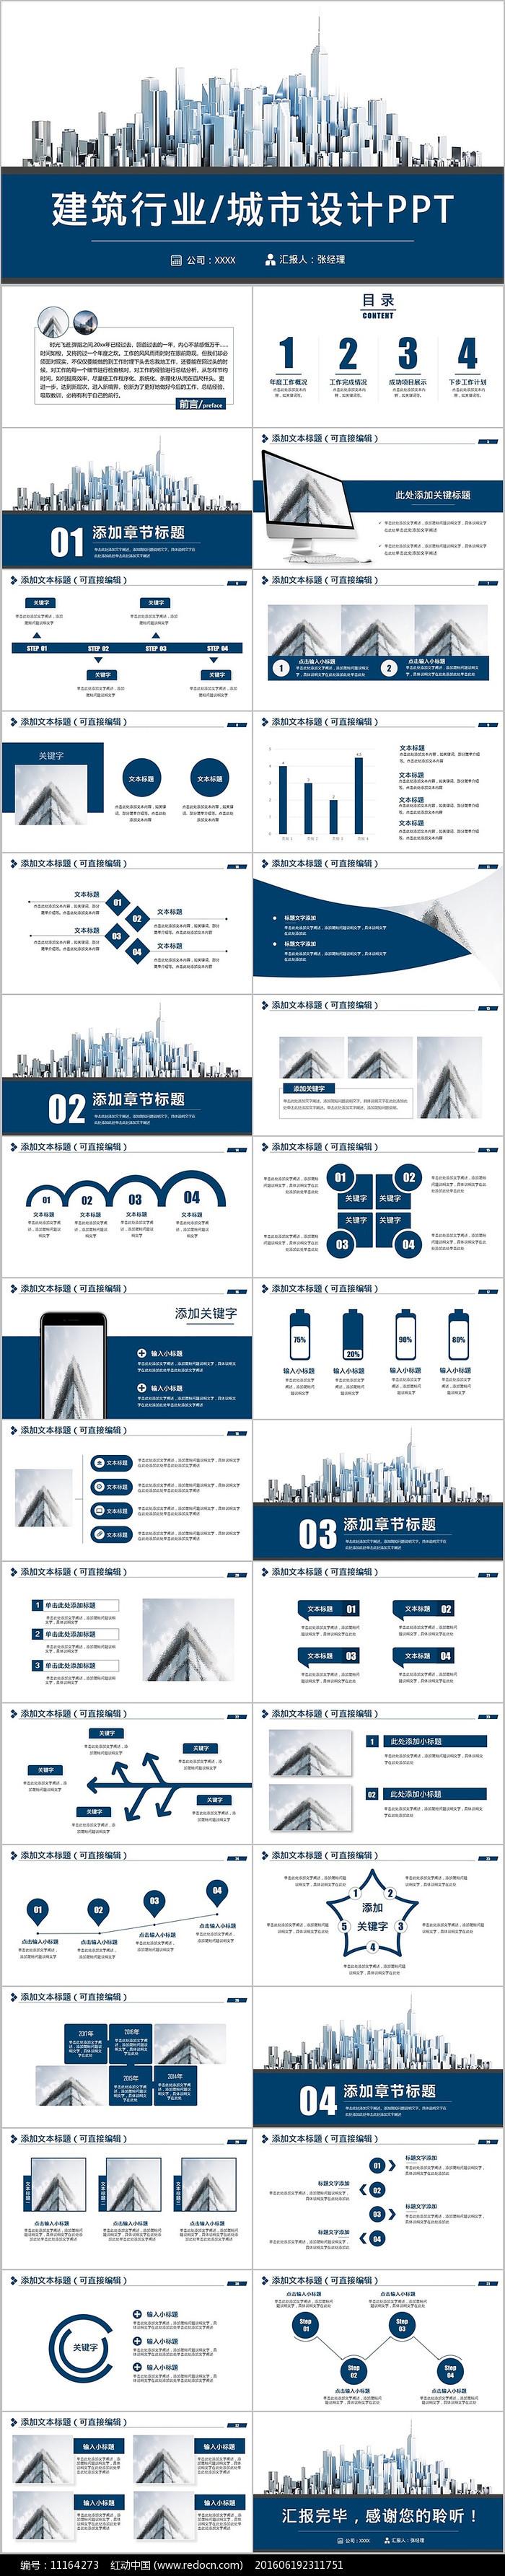 蓝色建筑行业城市设计房地产PPT图片